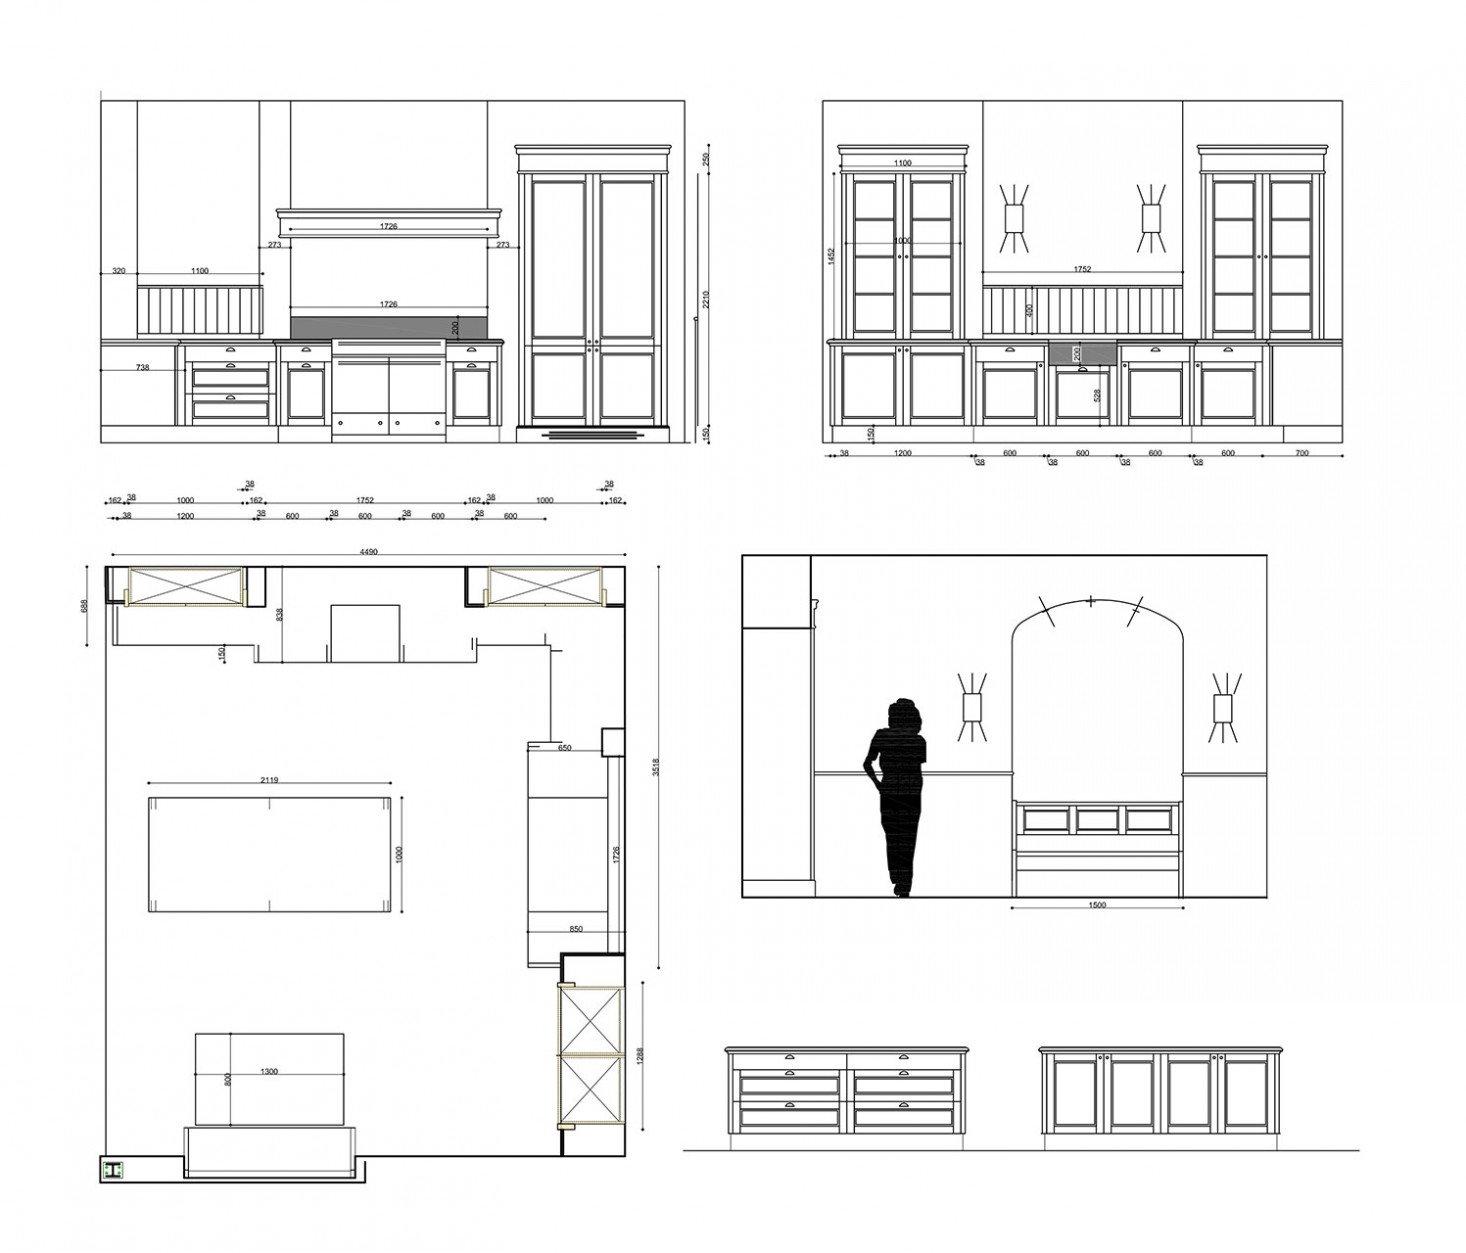 Toonzaalkeuken-BeverenWaas-BOX13-Kensington-grondplan.jpg